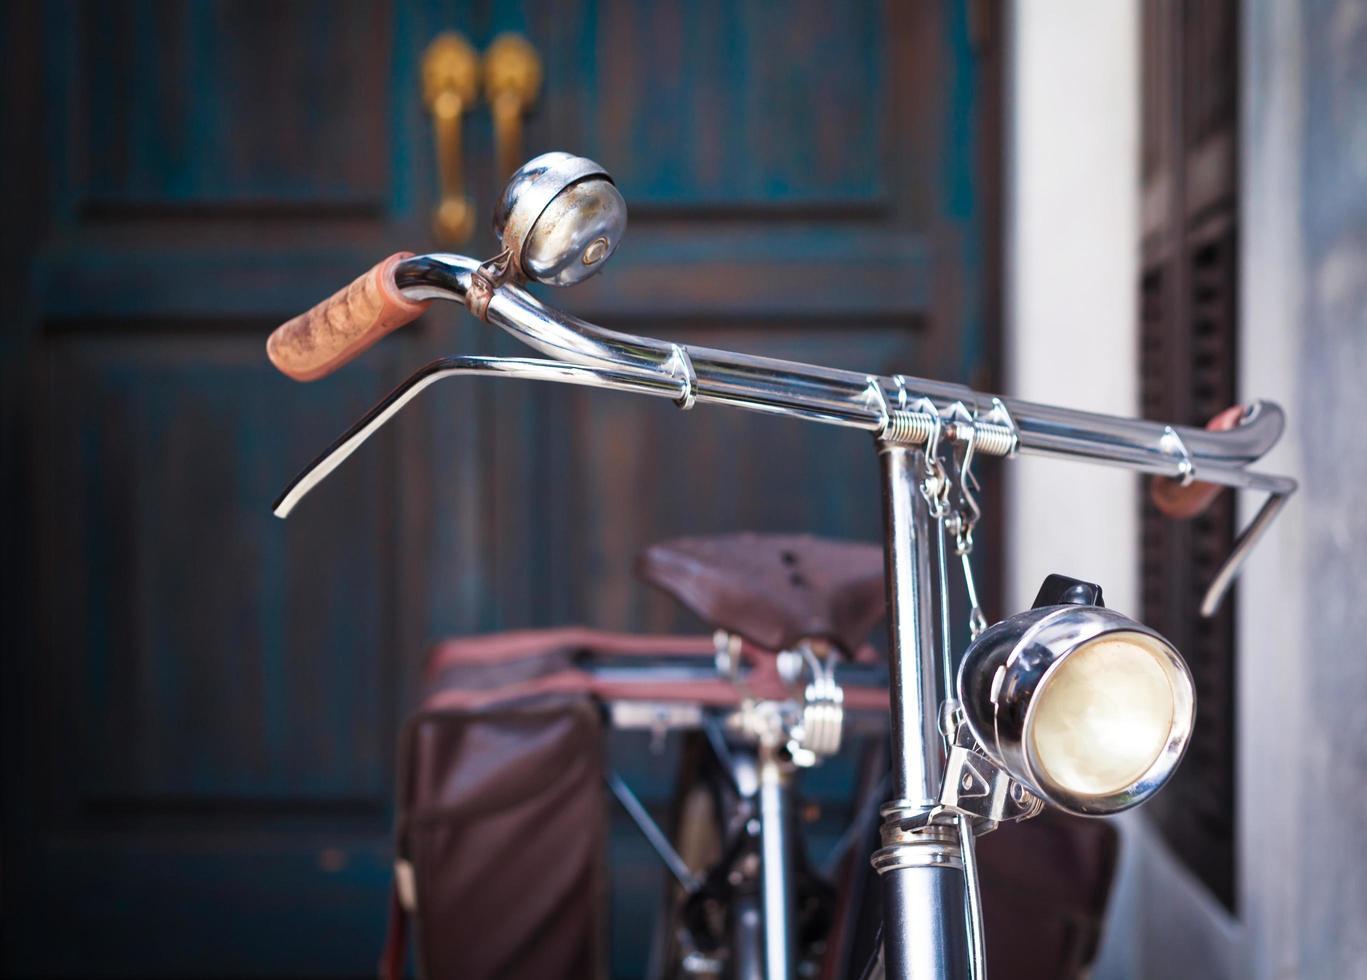 bicicleta vintage cerca de una puerta foto